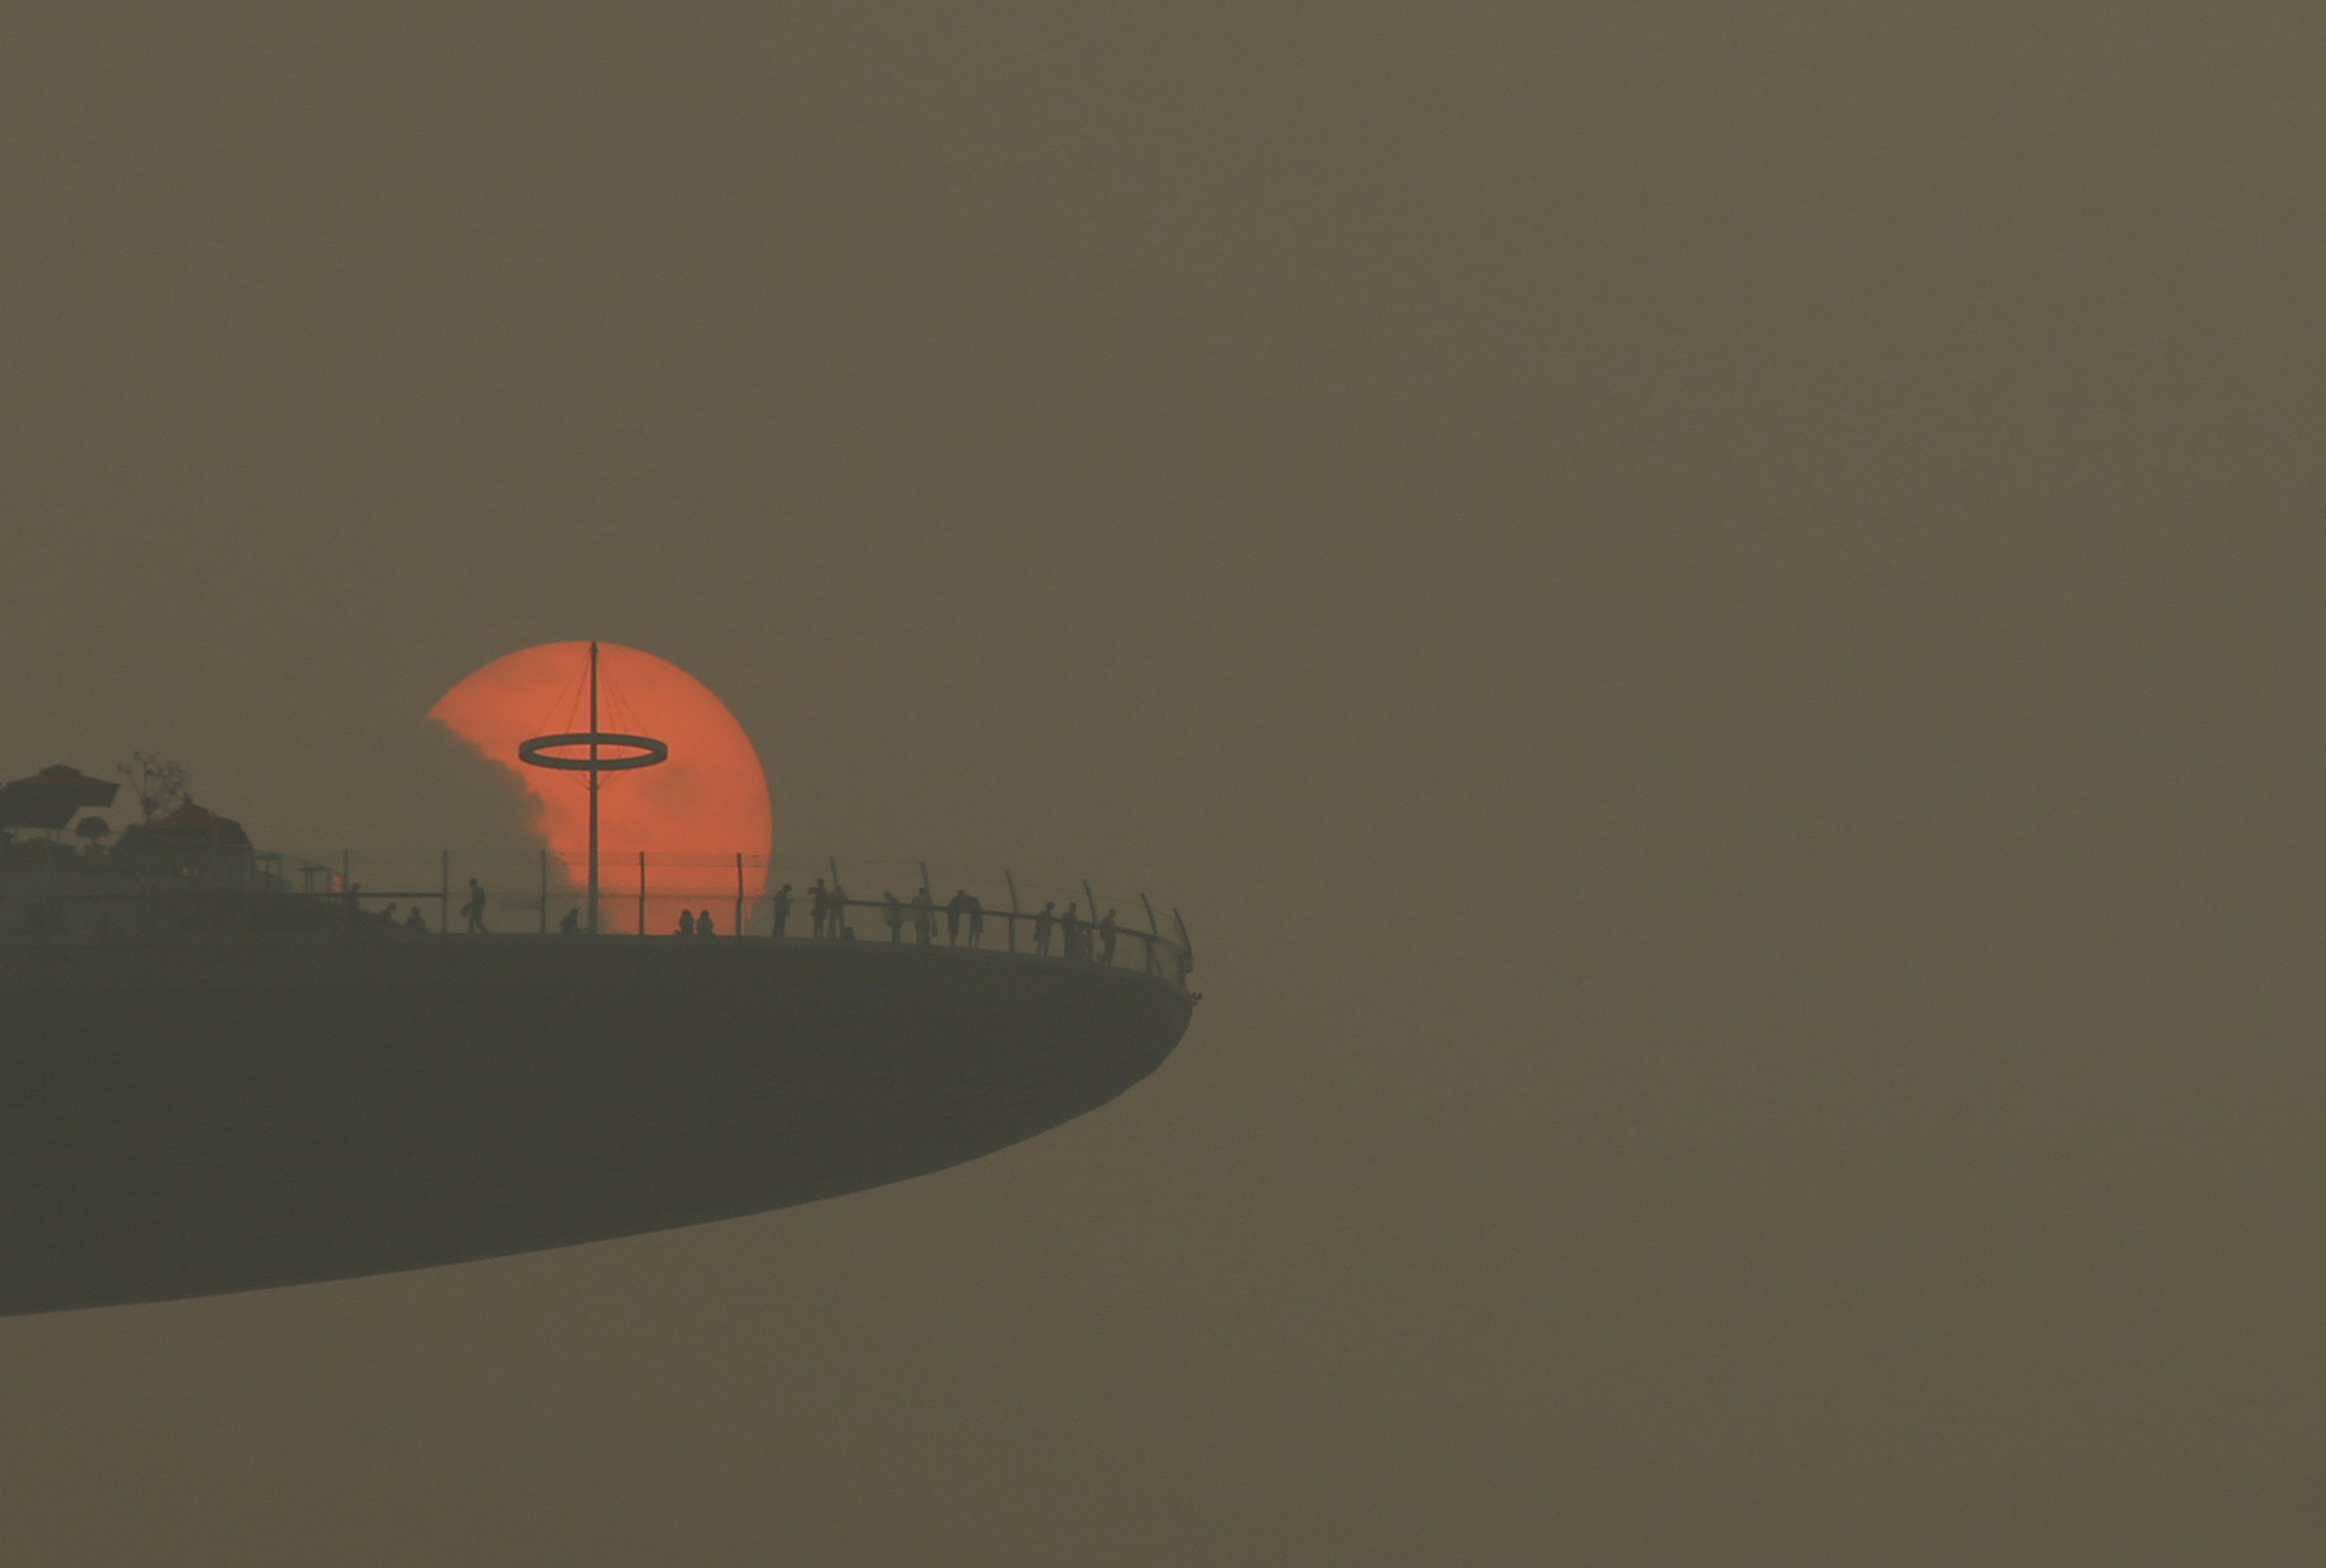 Warga memperhatikan matahari tenggelam dari dek observasi hotel Marina Bay Sands di Singapura, Senin (5/10). Indeks Standar Polutan (PSI) tiga-jam mencapai angka 186 pada jam 4 sore kemarin, menurut Lembaga Lingkungan Nasional. Penebangan dan pembakaran hutan untuk perkebunan di wilayah Indonesia telah menyelimuti Singapura dengan asap menyesakkan selama beberapa pekan. ANTARA FOTO/REUTERS/Edgar Su.